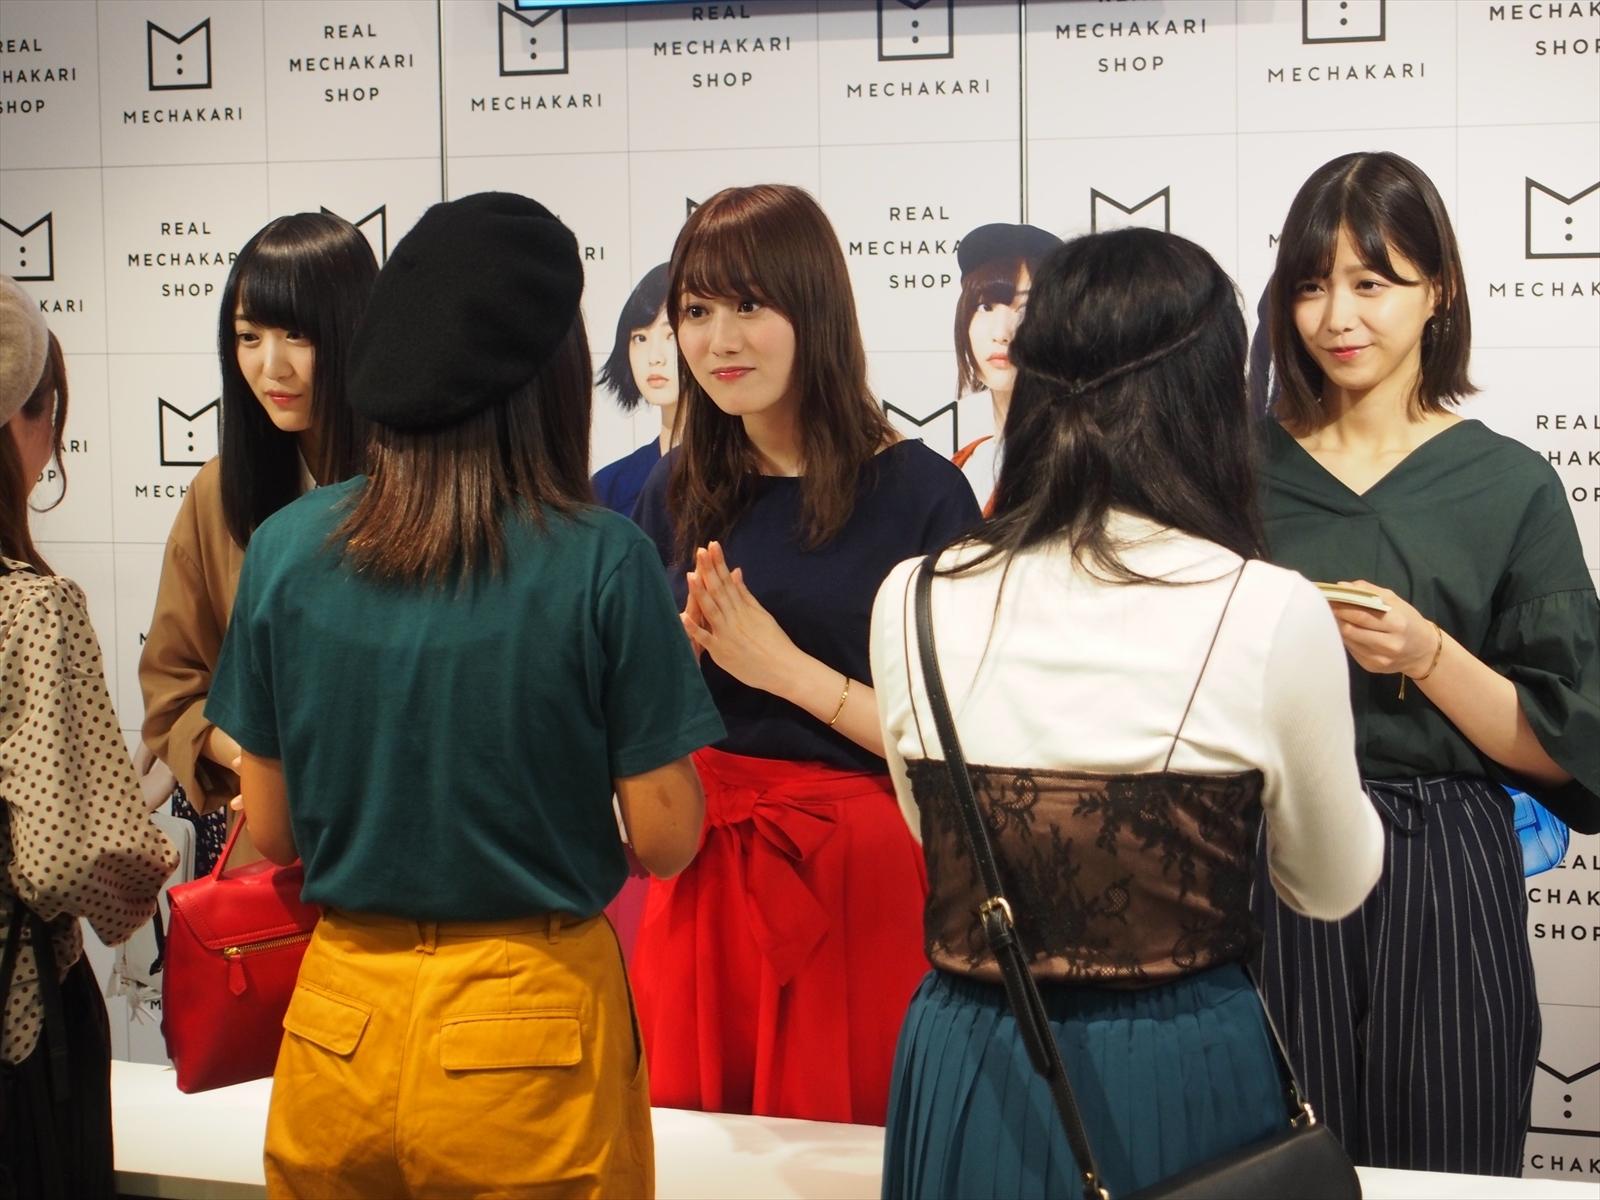 欅坂46が来店!もちろん理佐も♡ 「メチャカリ」初のリアルSHOPがオープン_1_2-6